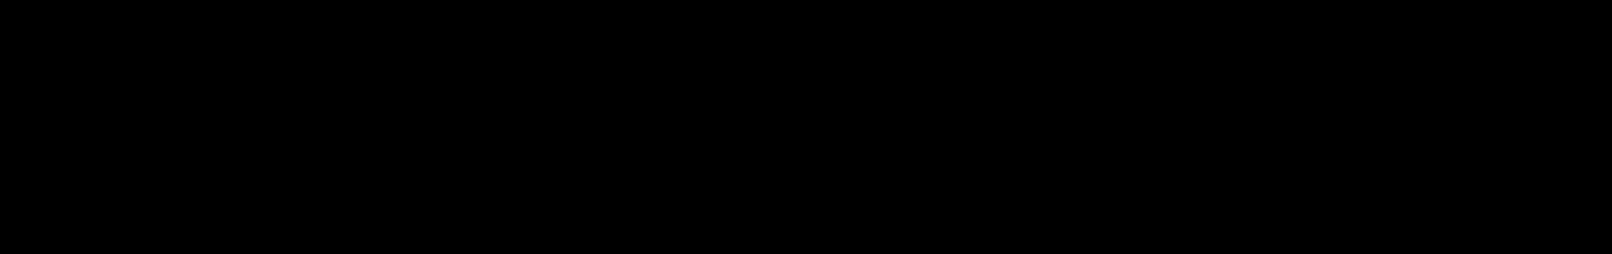 フォトマスクの進映社 – フォトマスク専門メーカー「進映社」/CAD ...